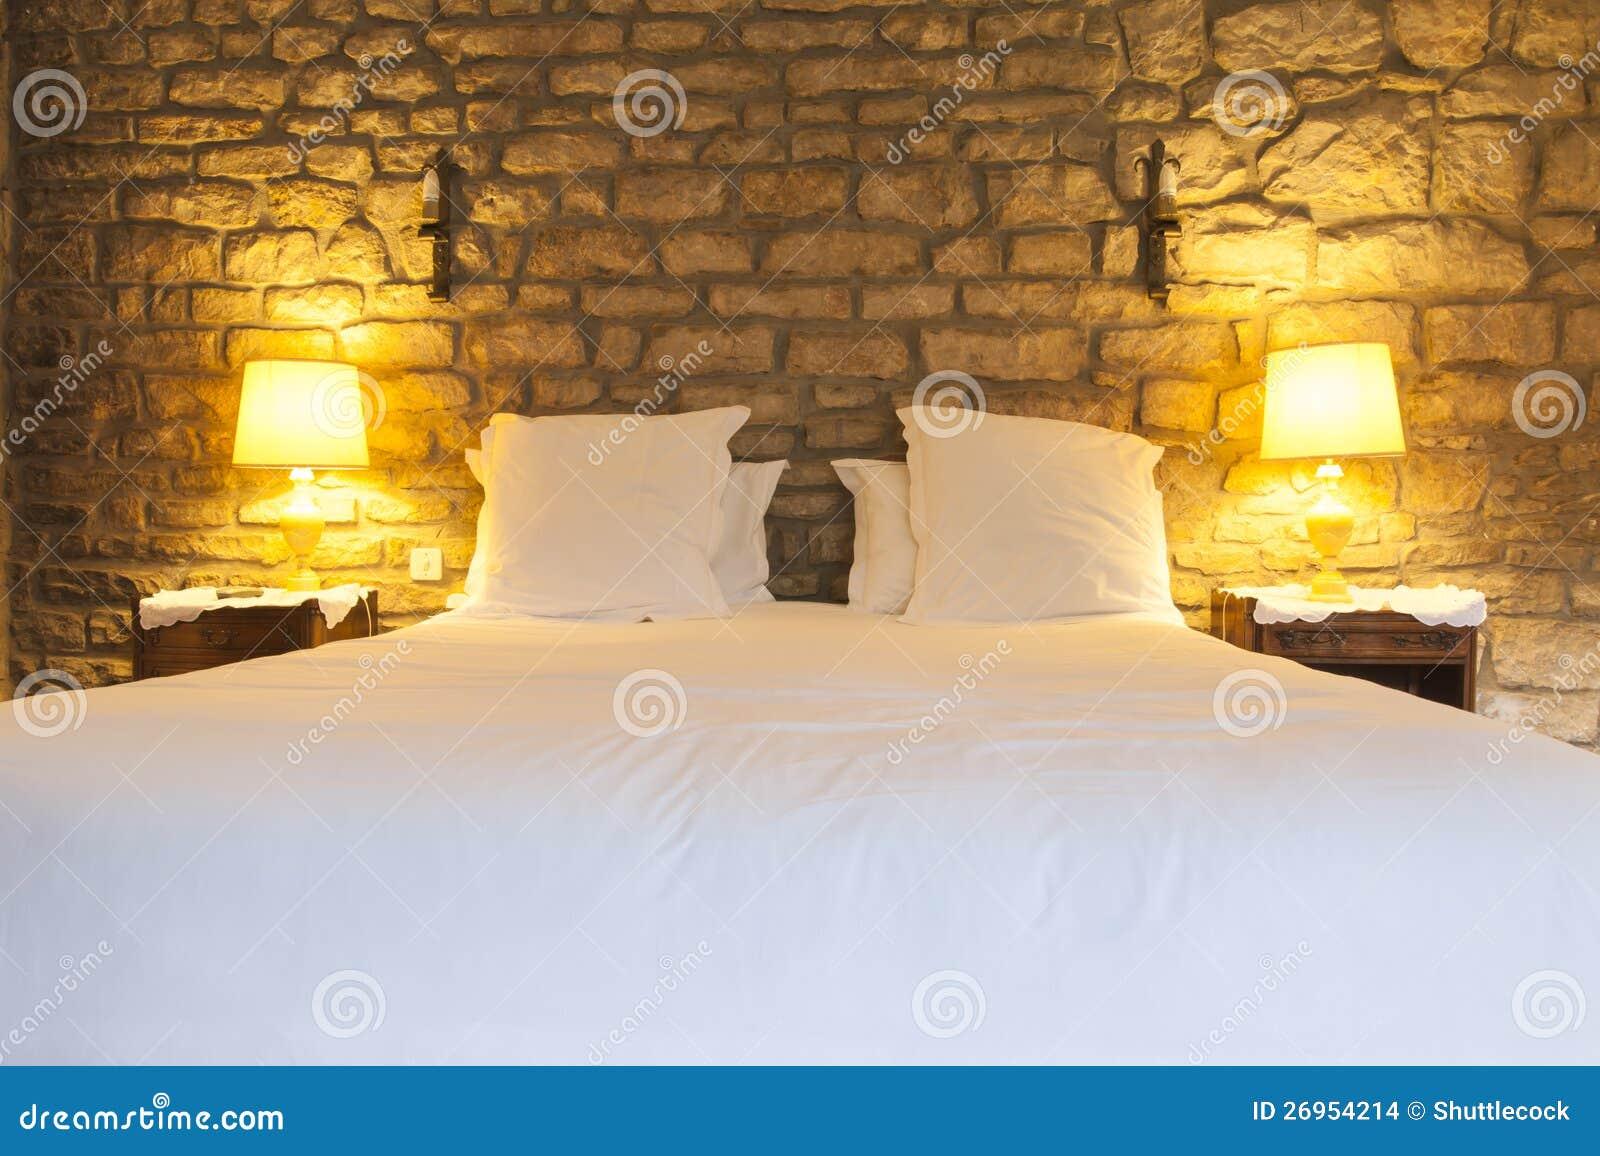 Rustieke Hotelslaapkamer Stock Afbeeldingen - Afbeelding: 26954214